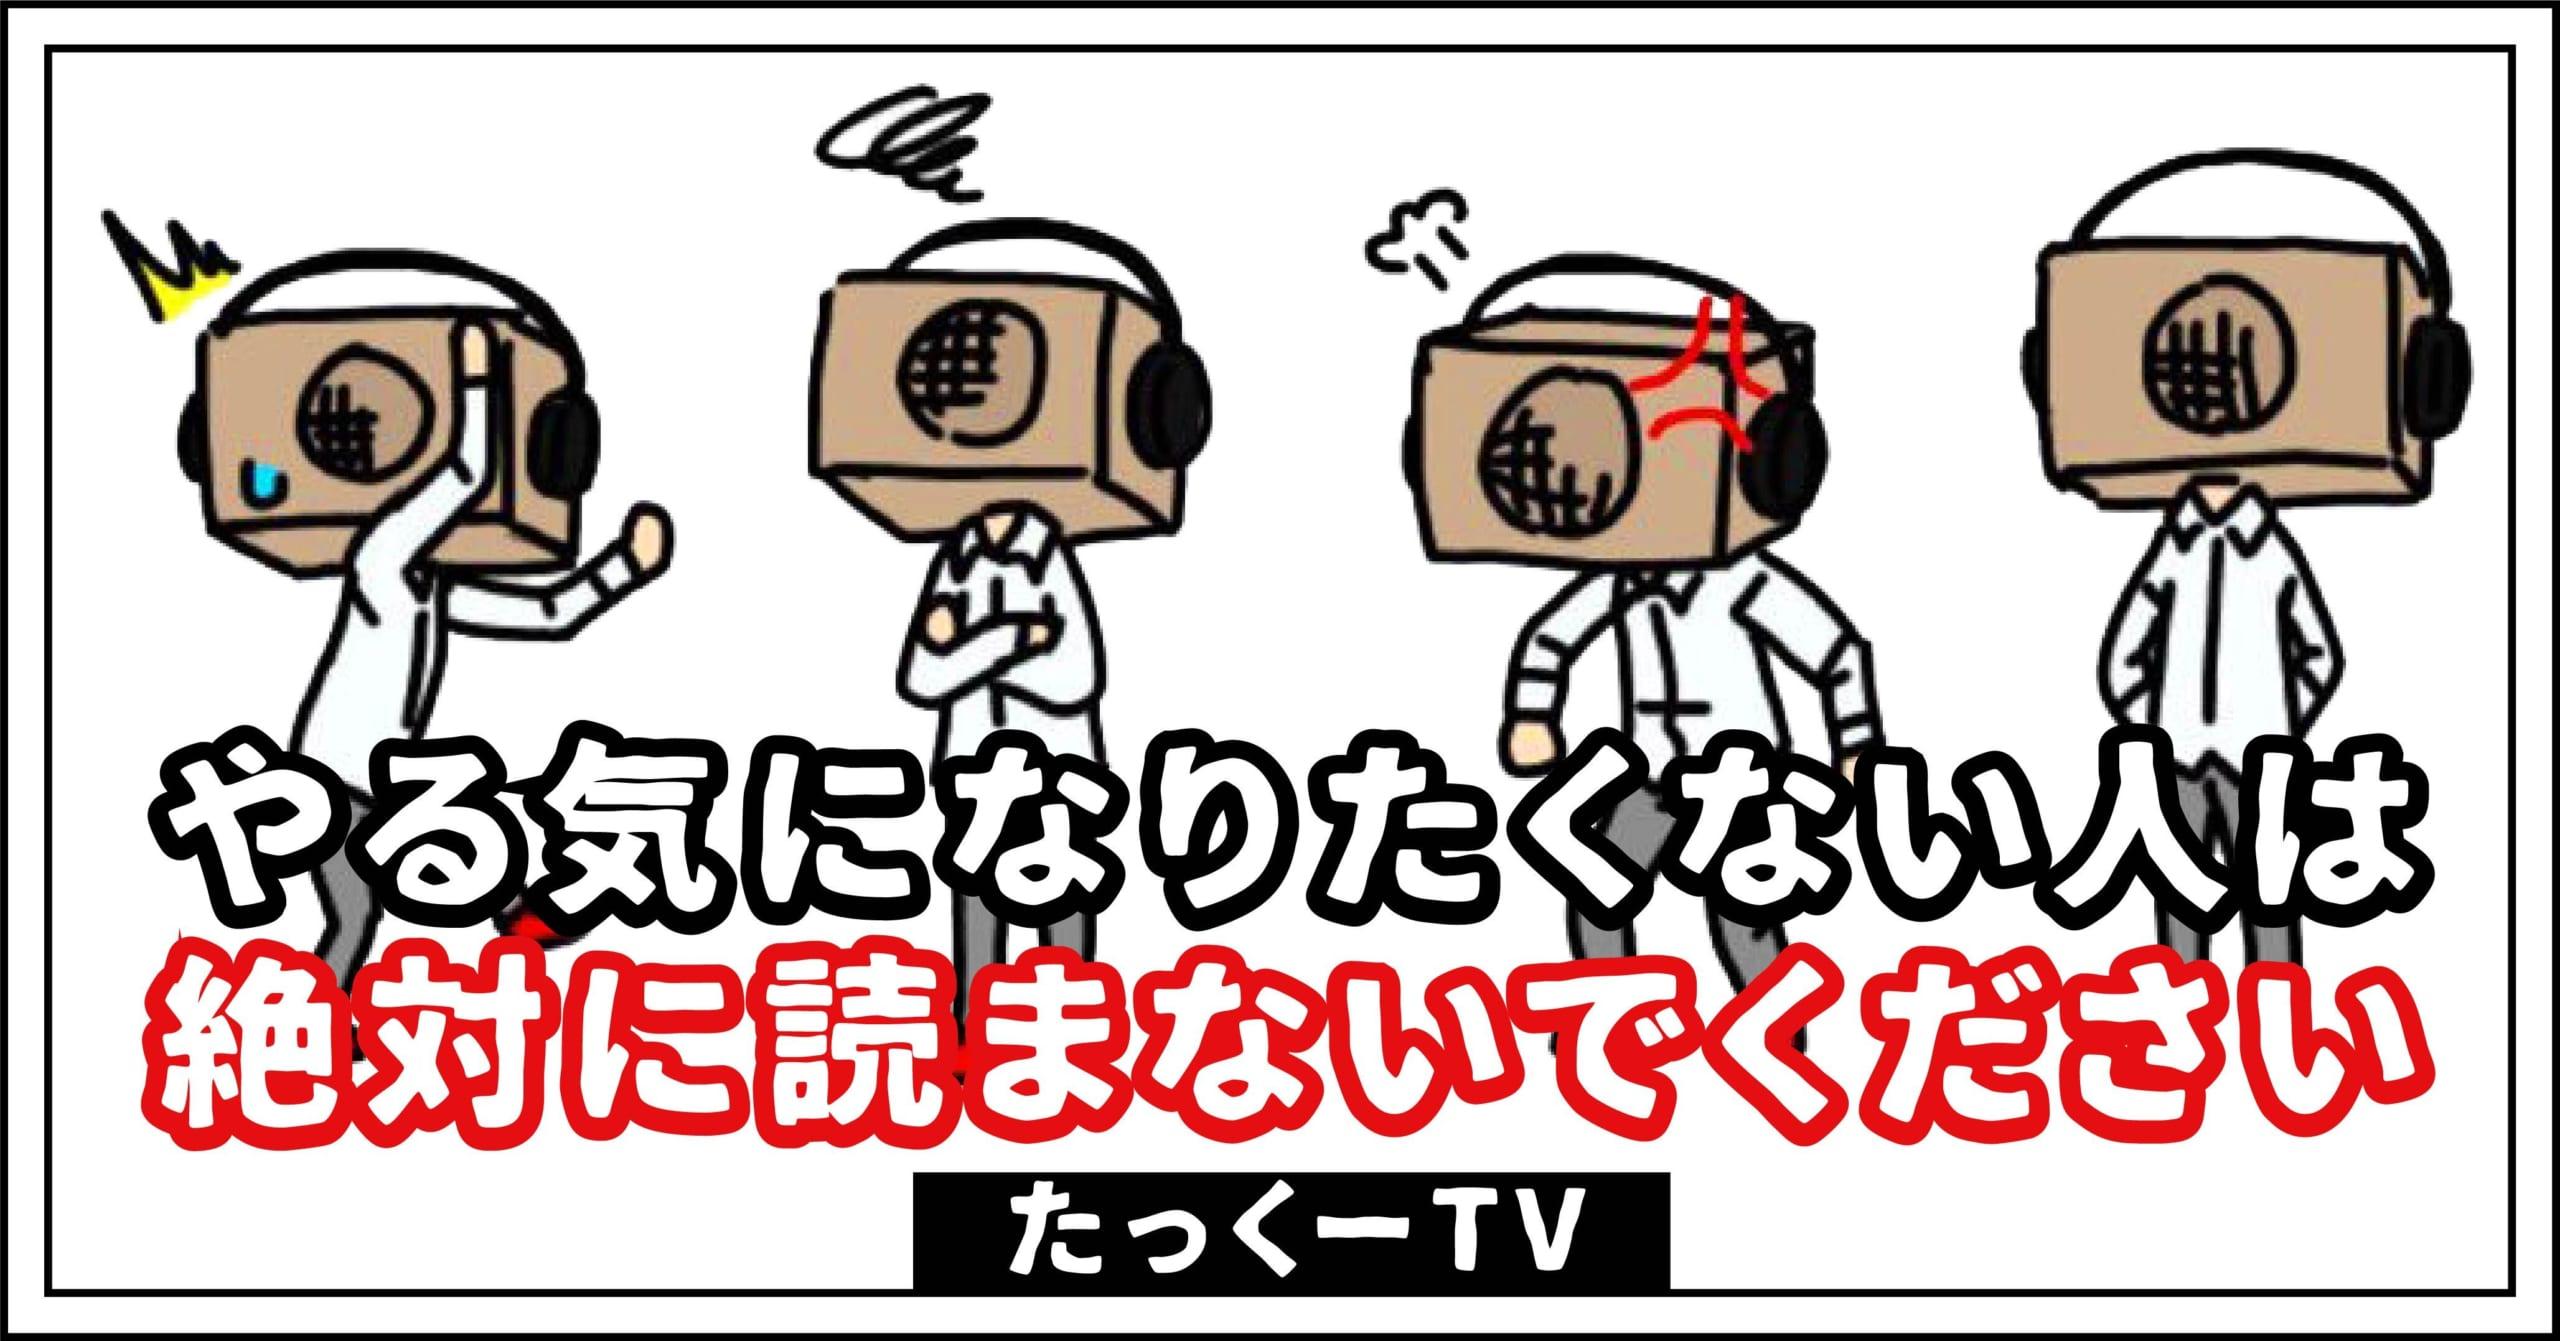 ー tv く たっ